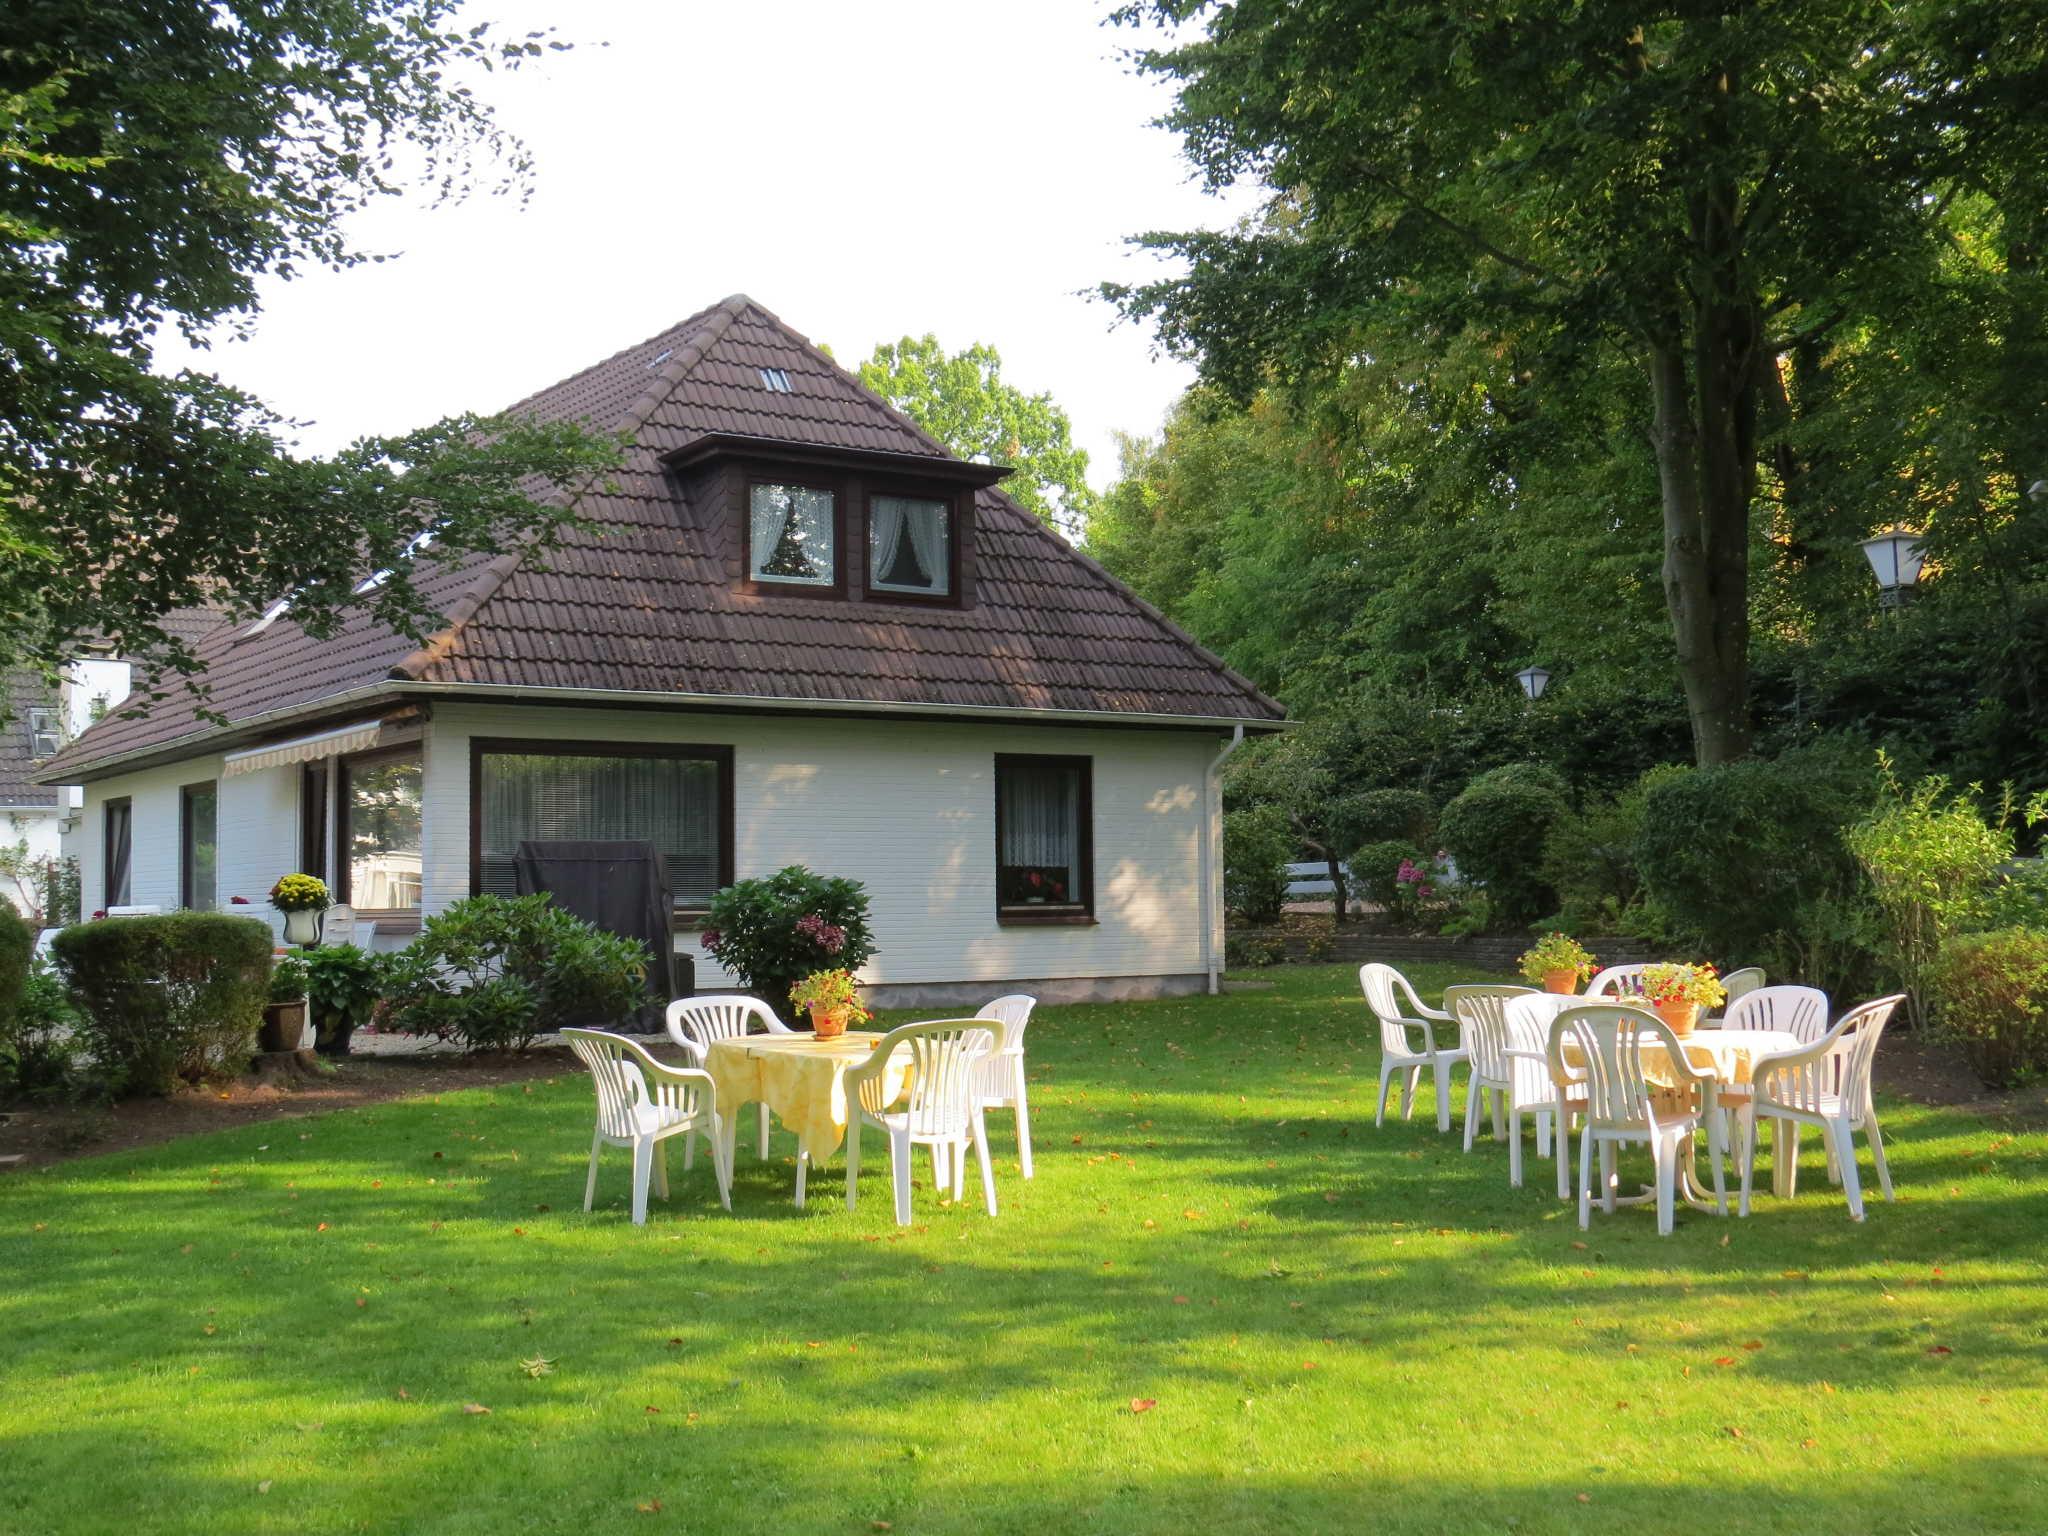 Sitzplatz für Gäste im Garten